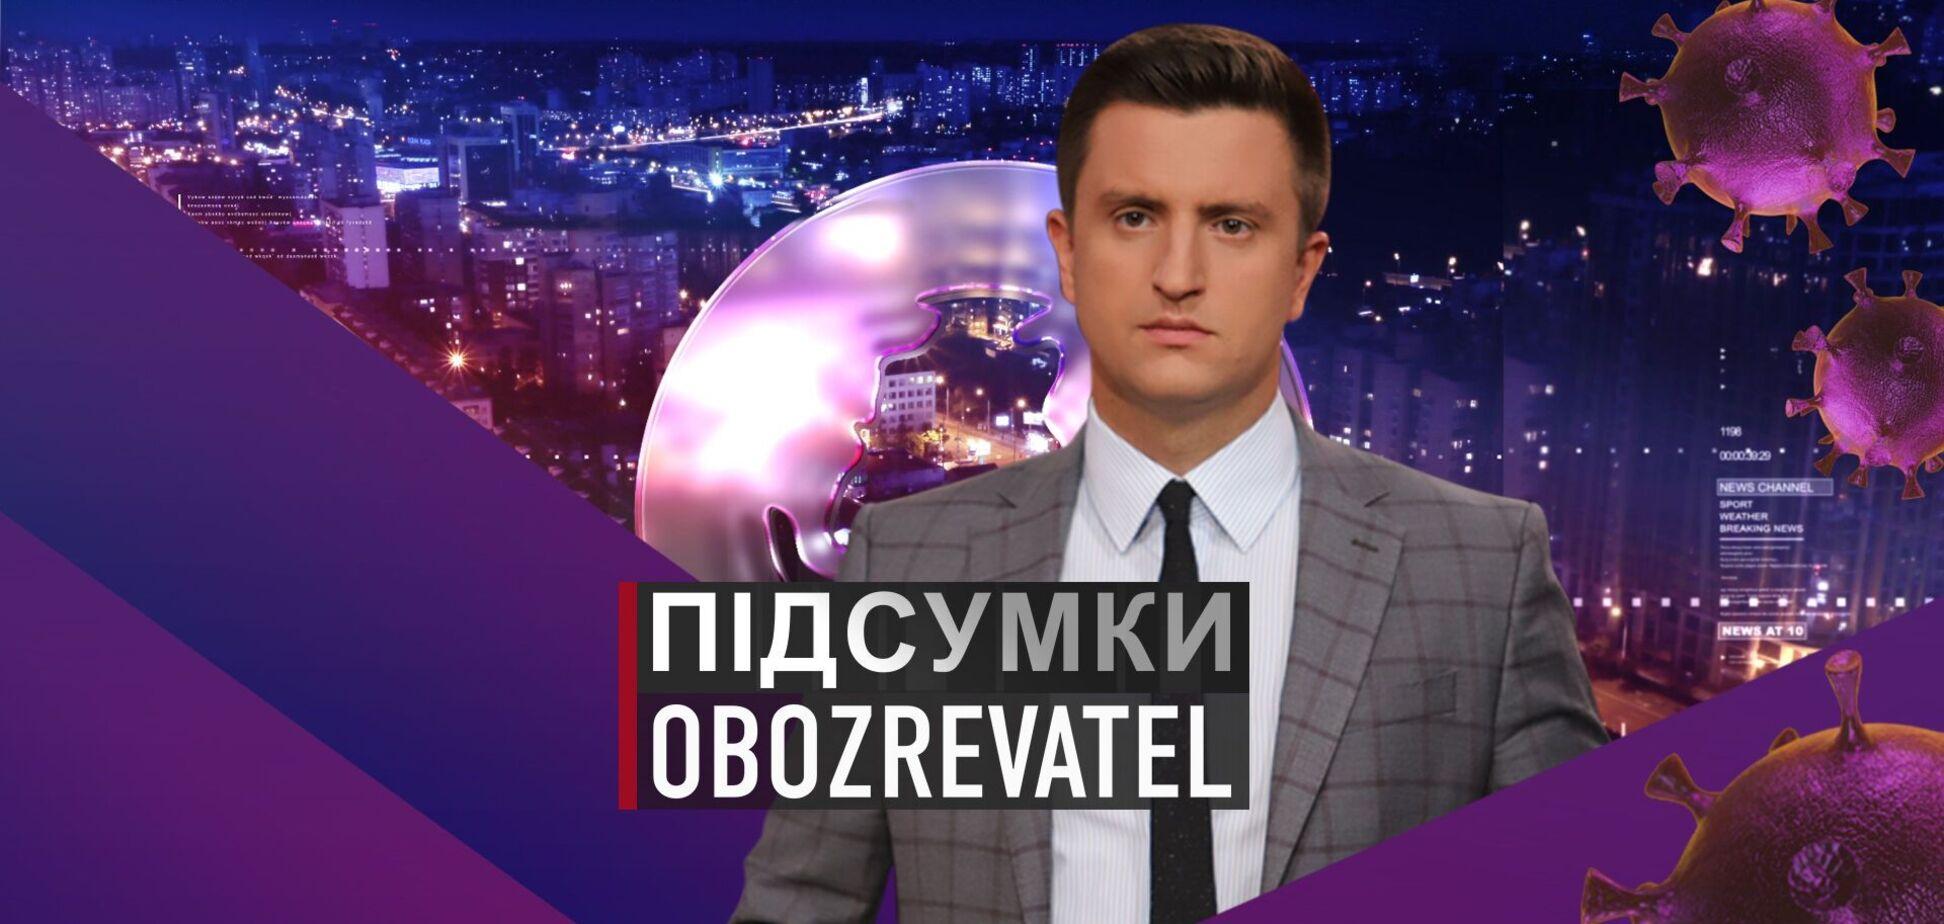 Підсумки з Вадимом Колодійчуком. Середа, 2 червня